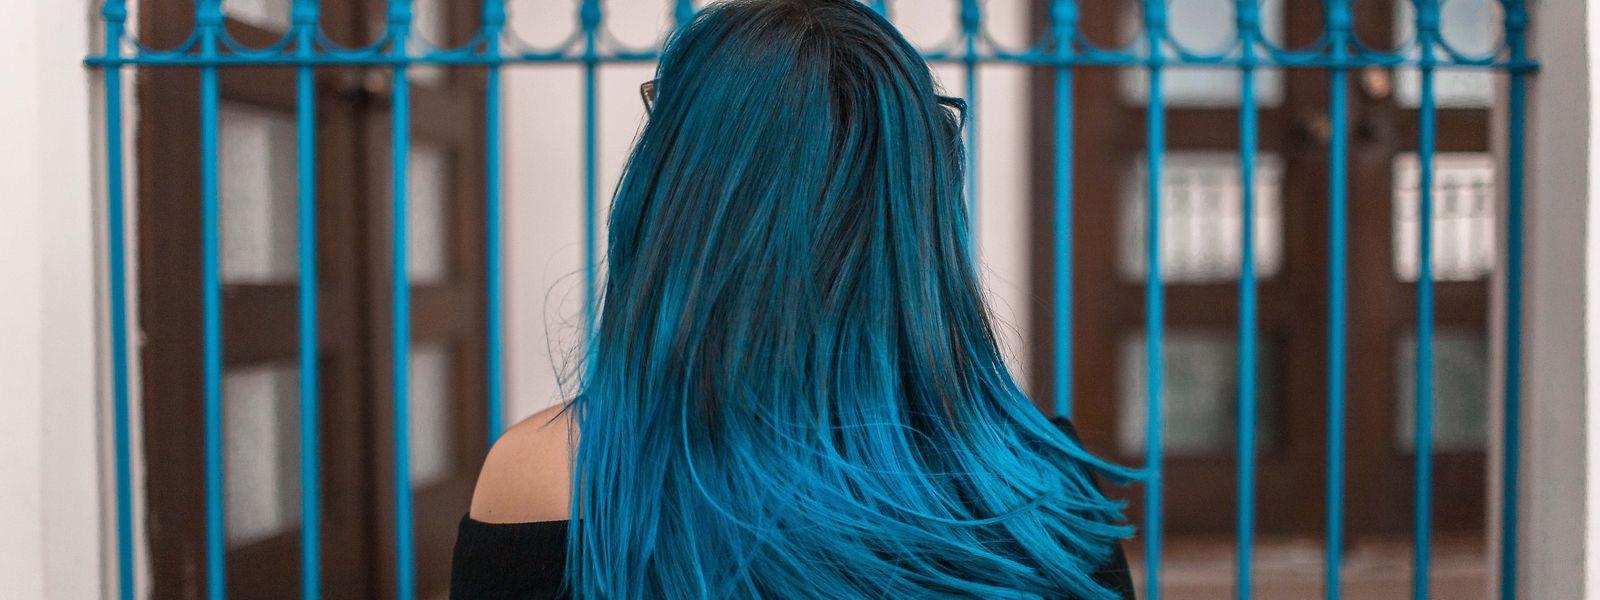 Mit Farbmasken sind intensive Veränderungen möglich, die nur wenige Haarwäschen lang halten.